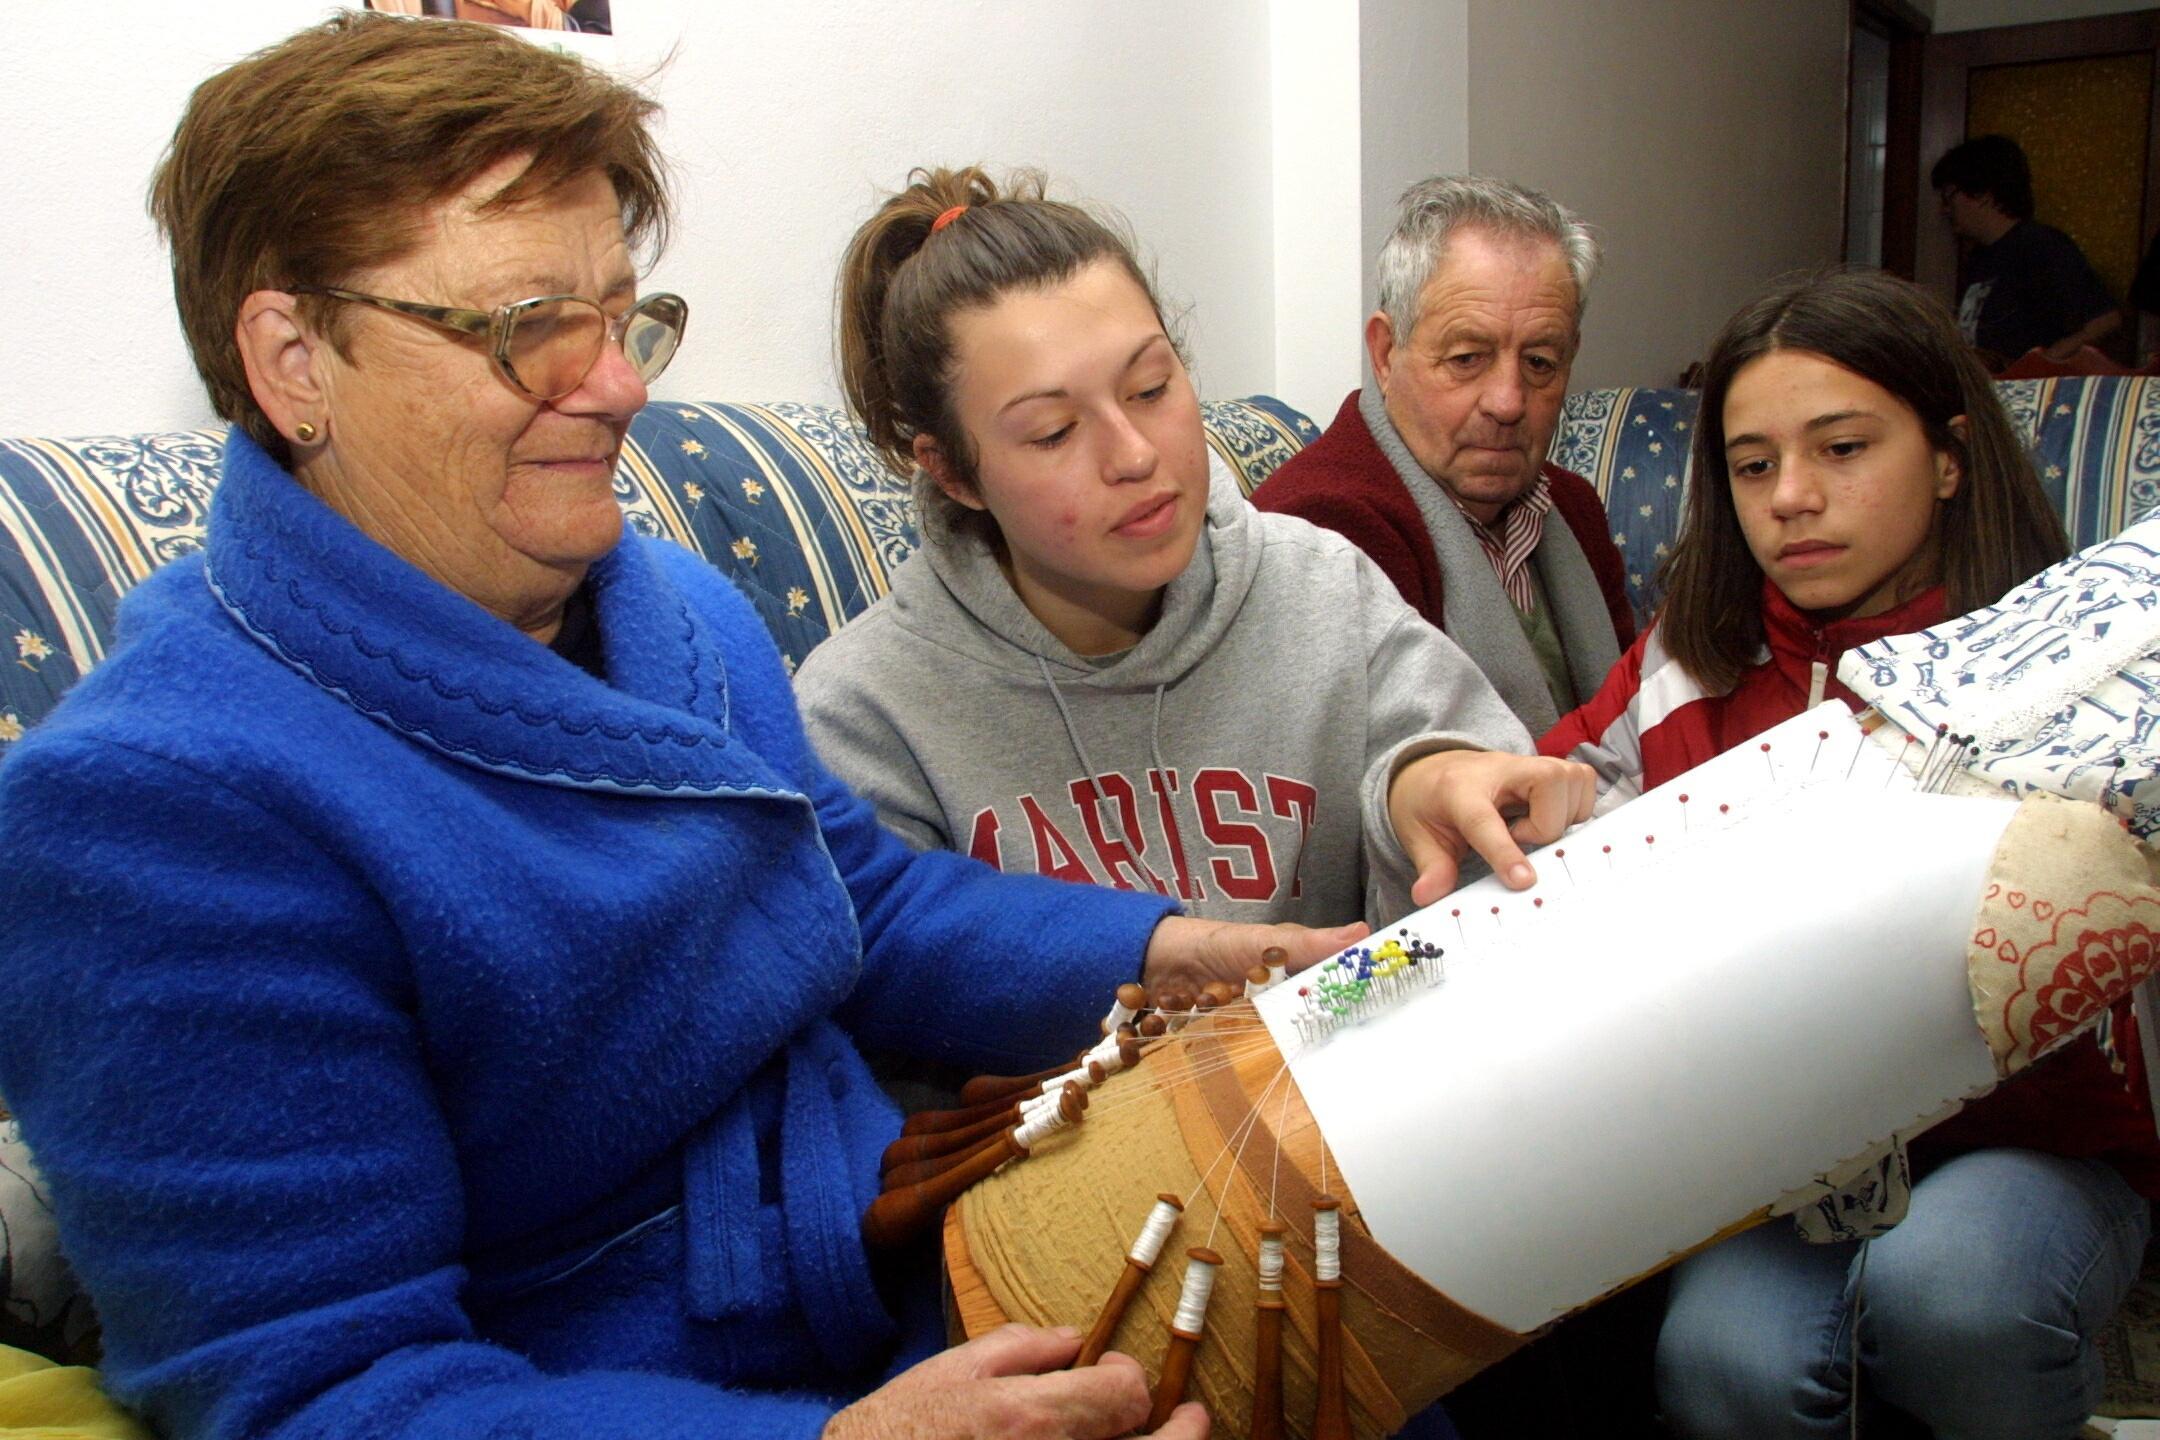 La voluntaria Stacey Caswell, de Nueva York, pasó la Nochebuena en casa de una familia de Corme (Ponteceso). <br><b>José Manuel Casal</b>